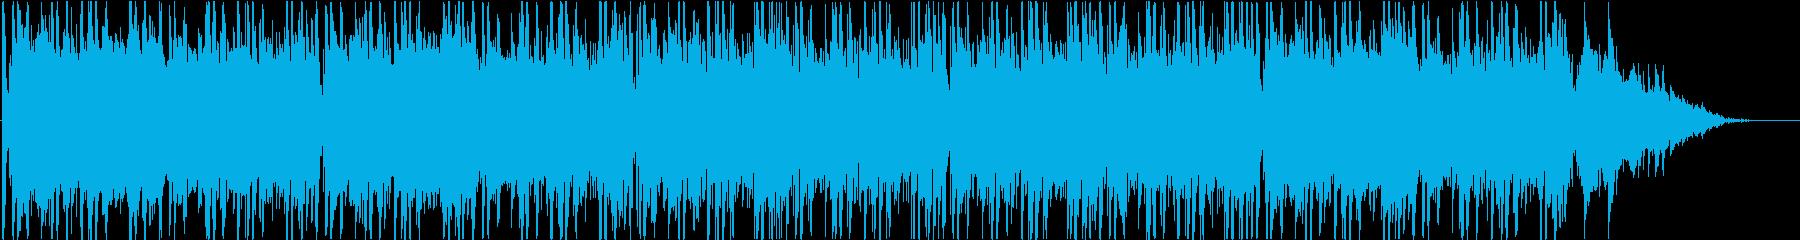 アンビエント エーテル 淡々 テク...の再生済みの波形